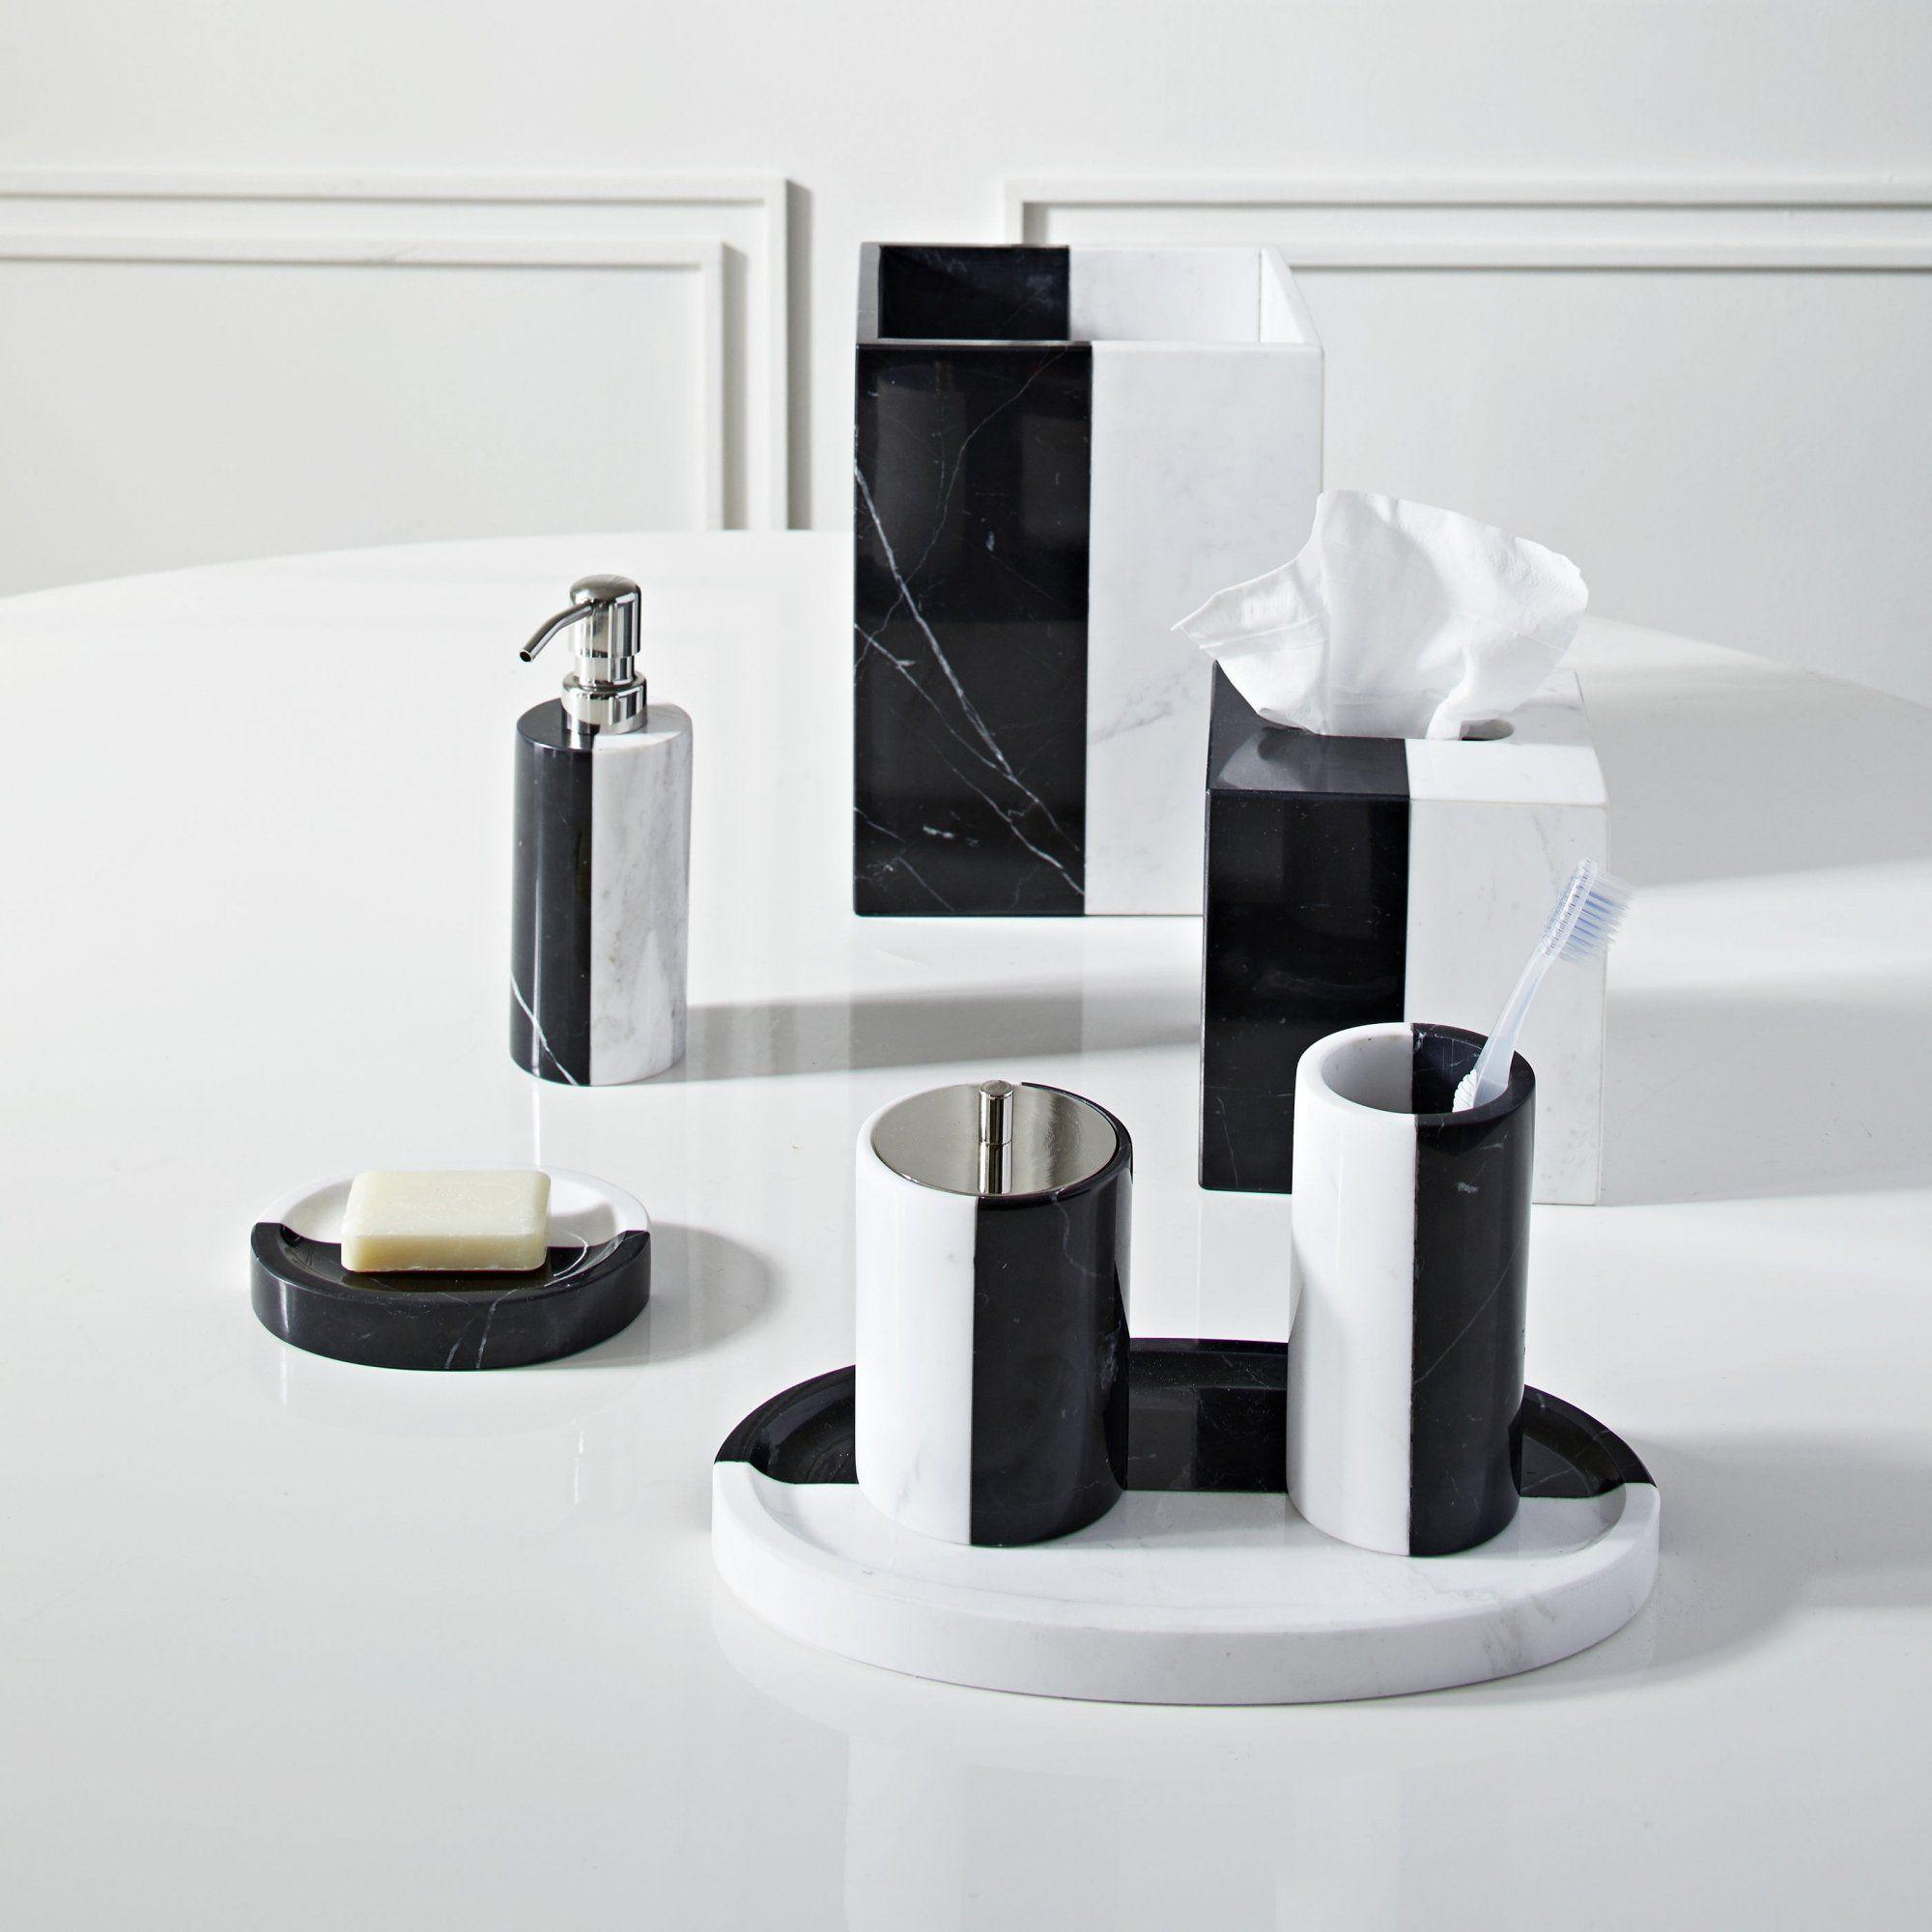 Des accessoires de salle de bains en marbre, Jonathan Adler